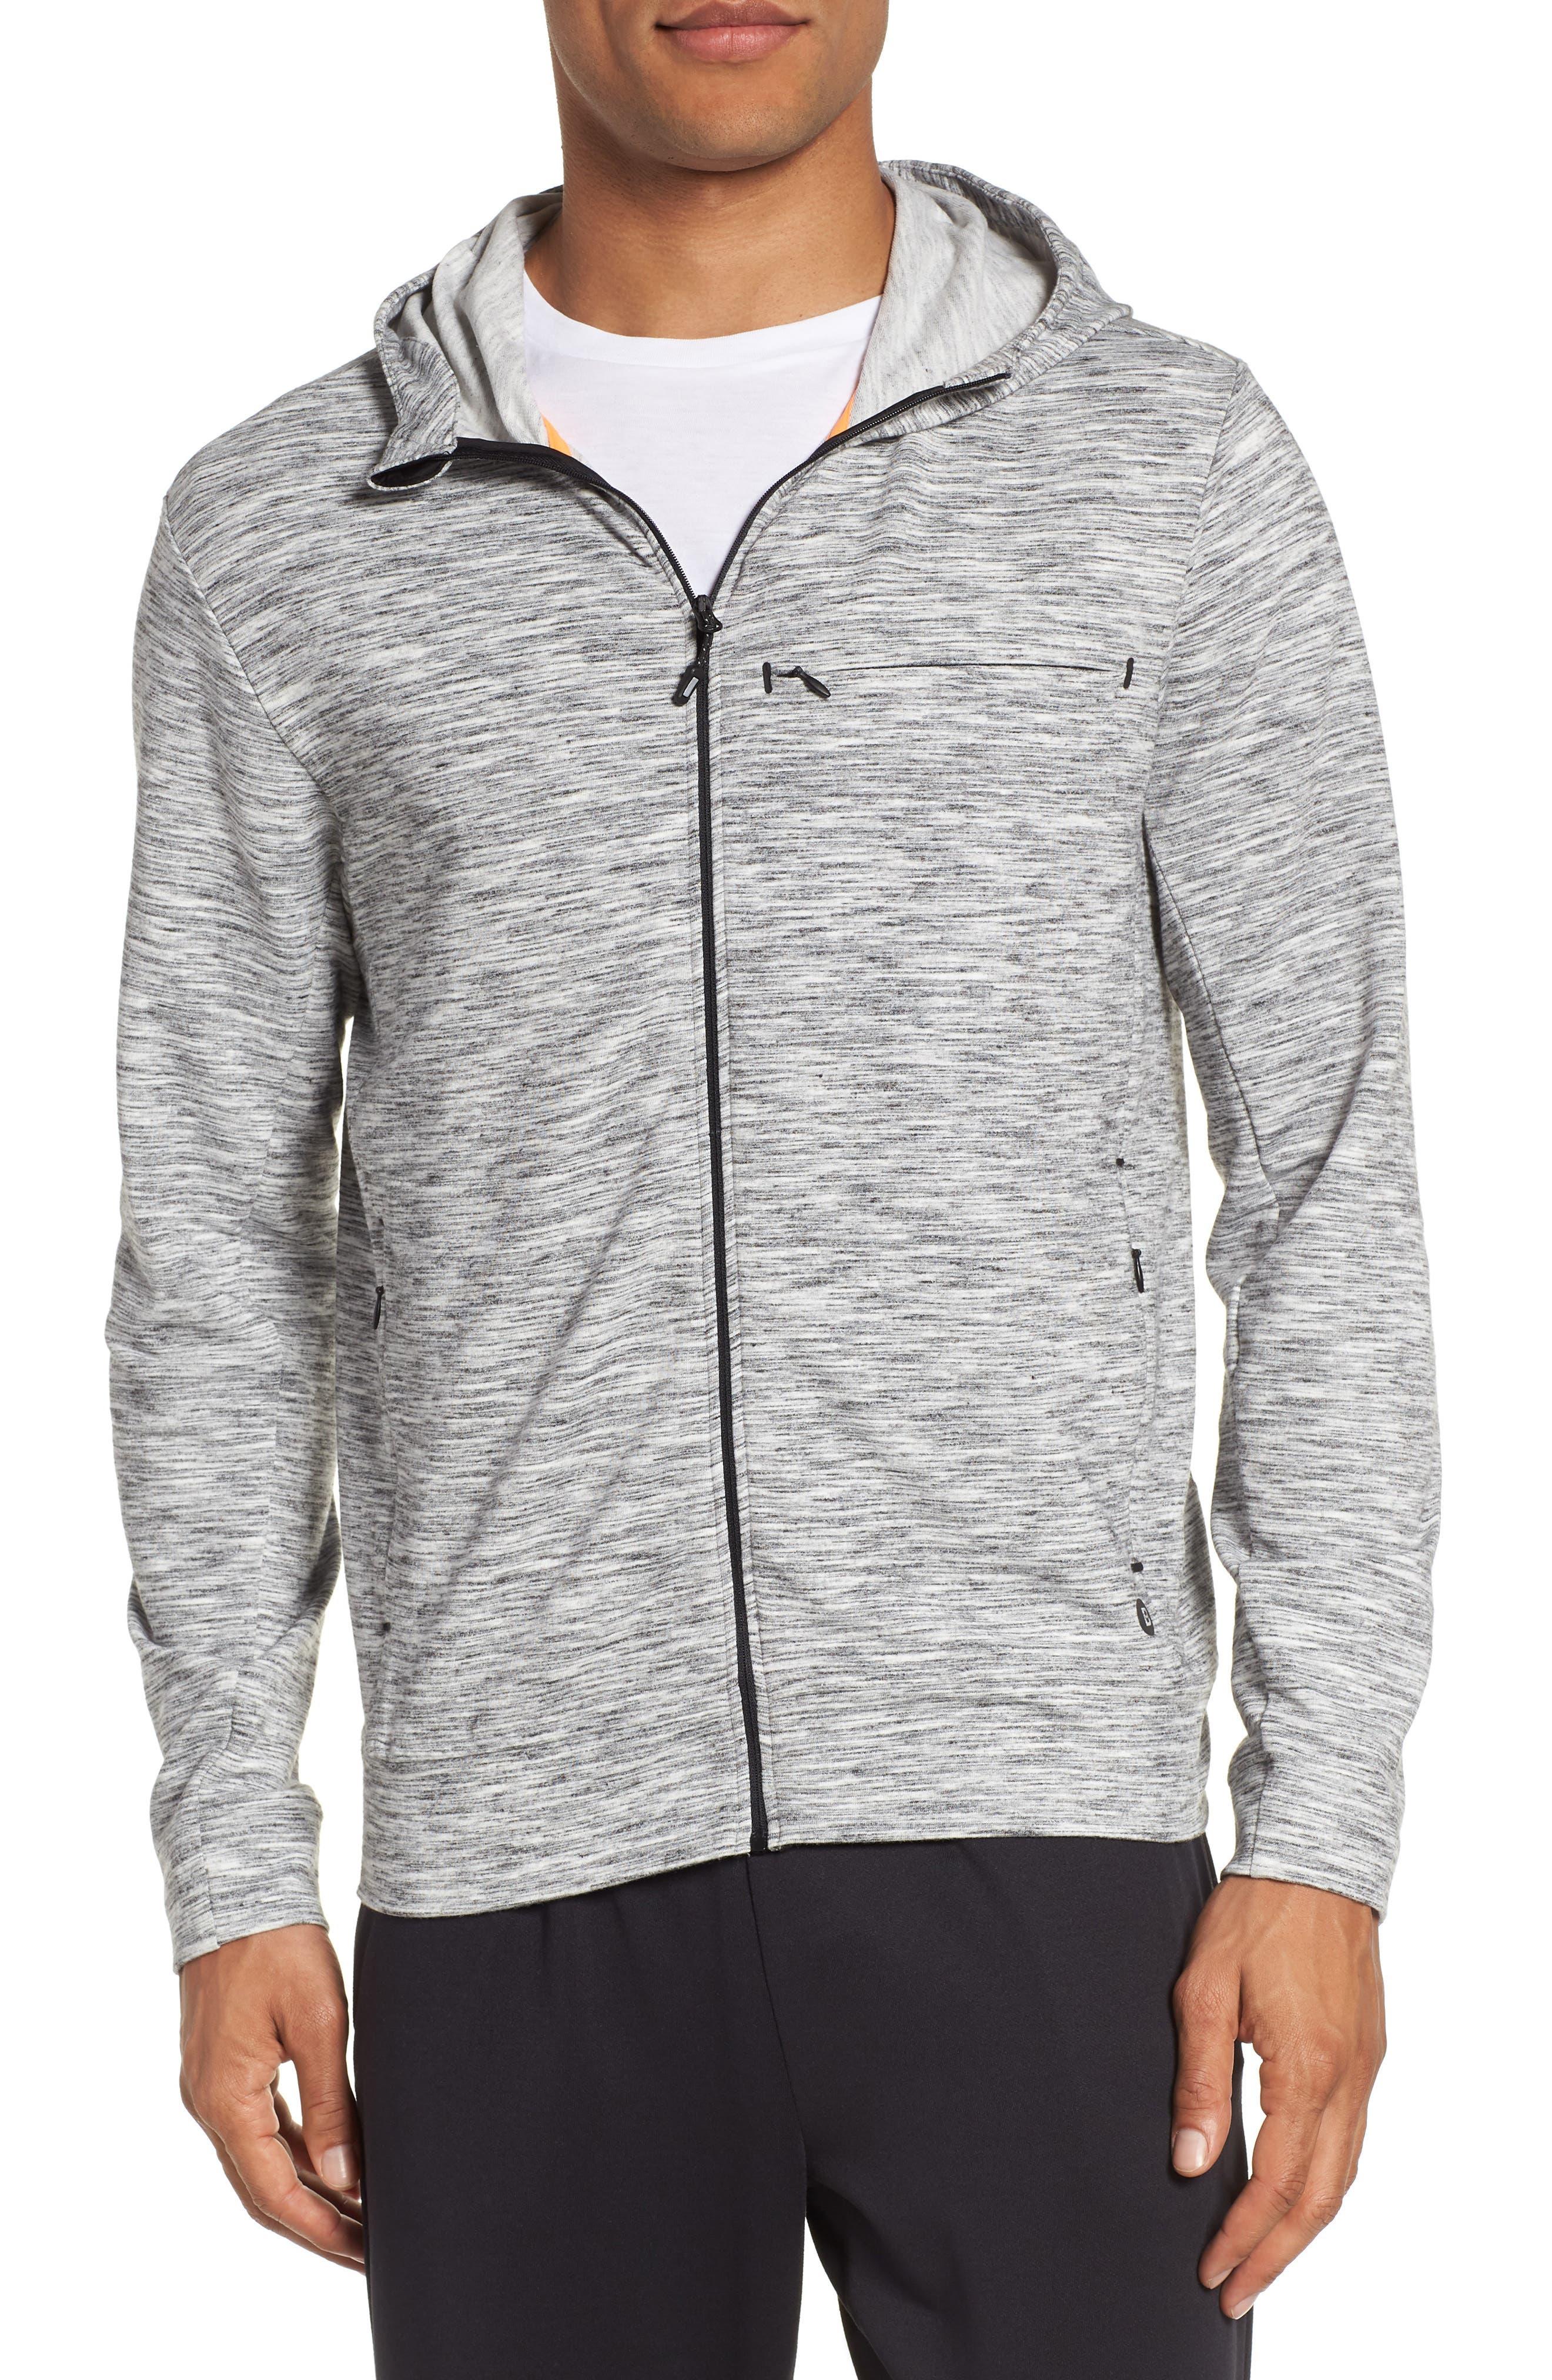 Goodsport Tech Fleece Zip Hoodie,                         Main,                         color, 001